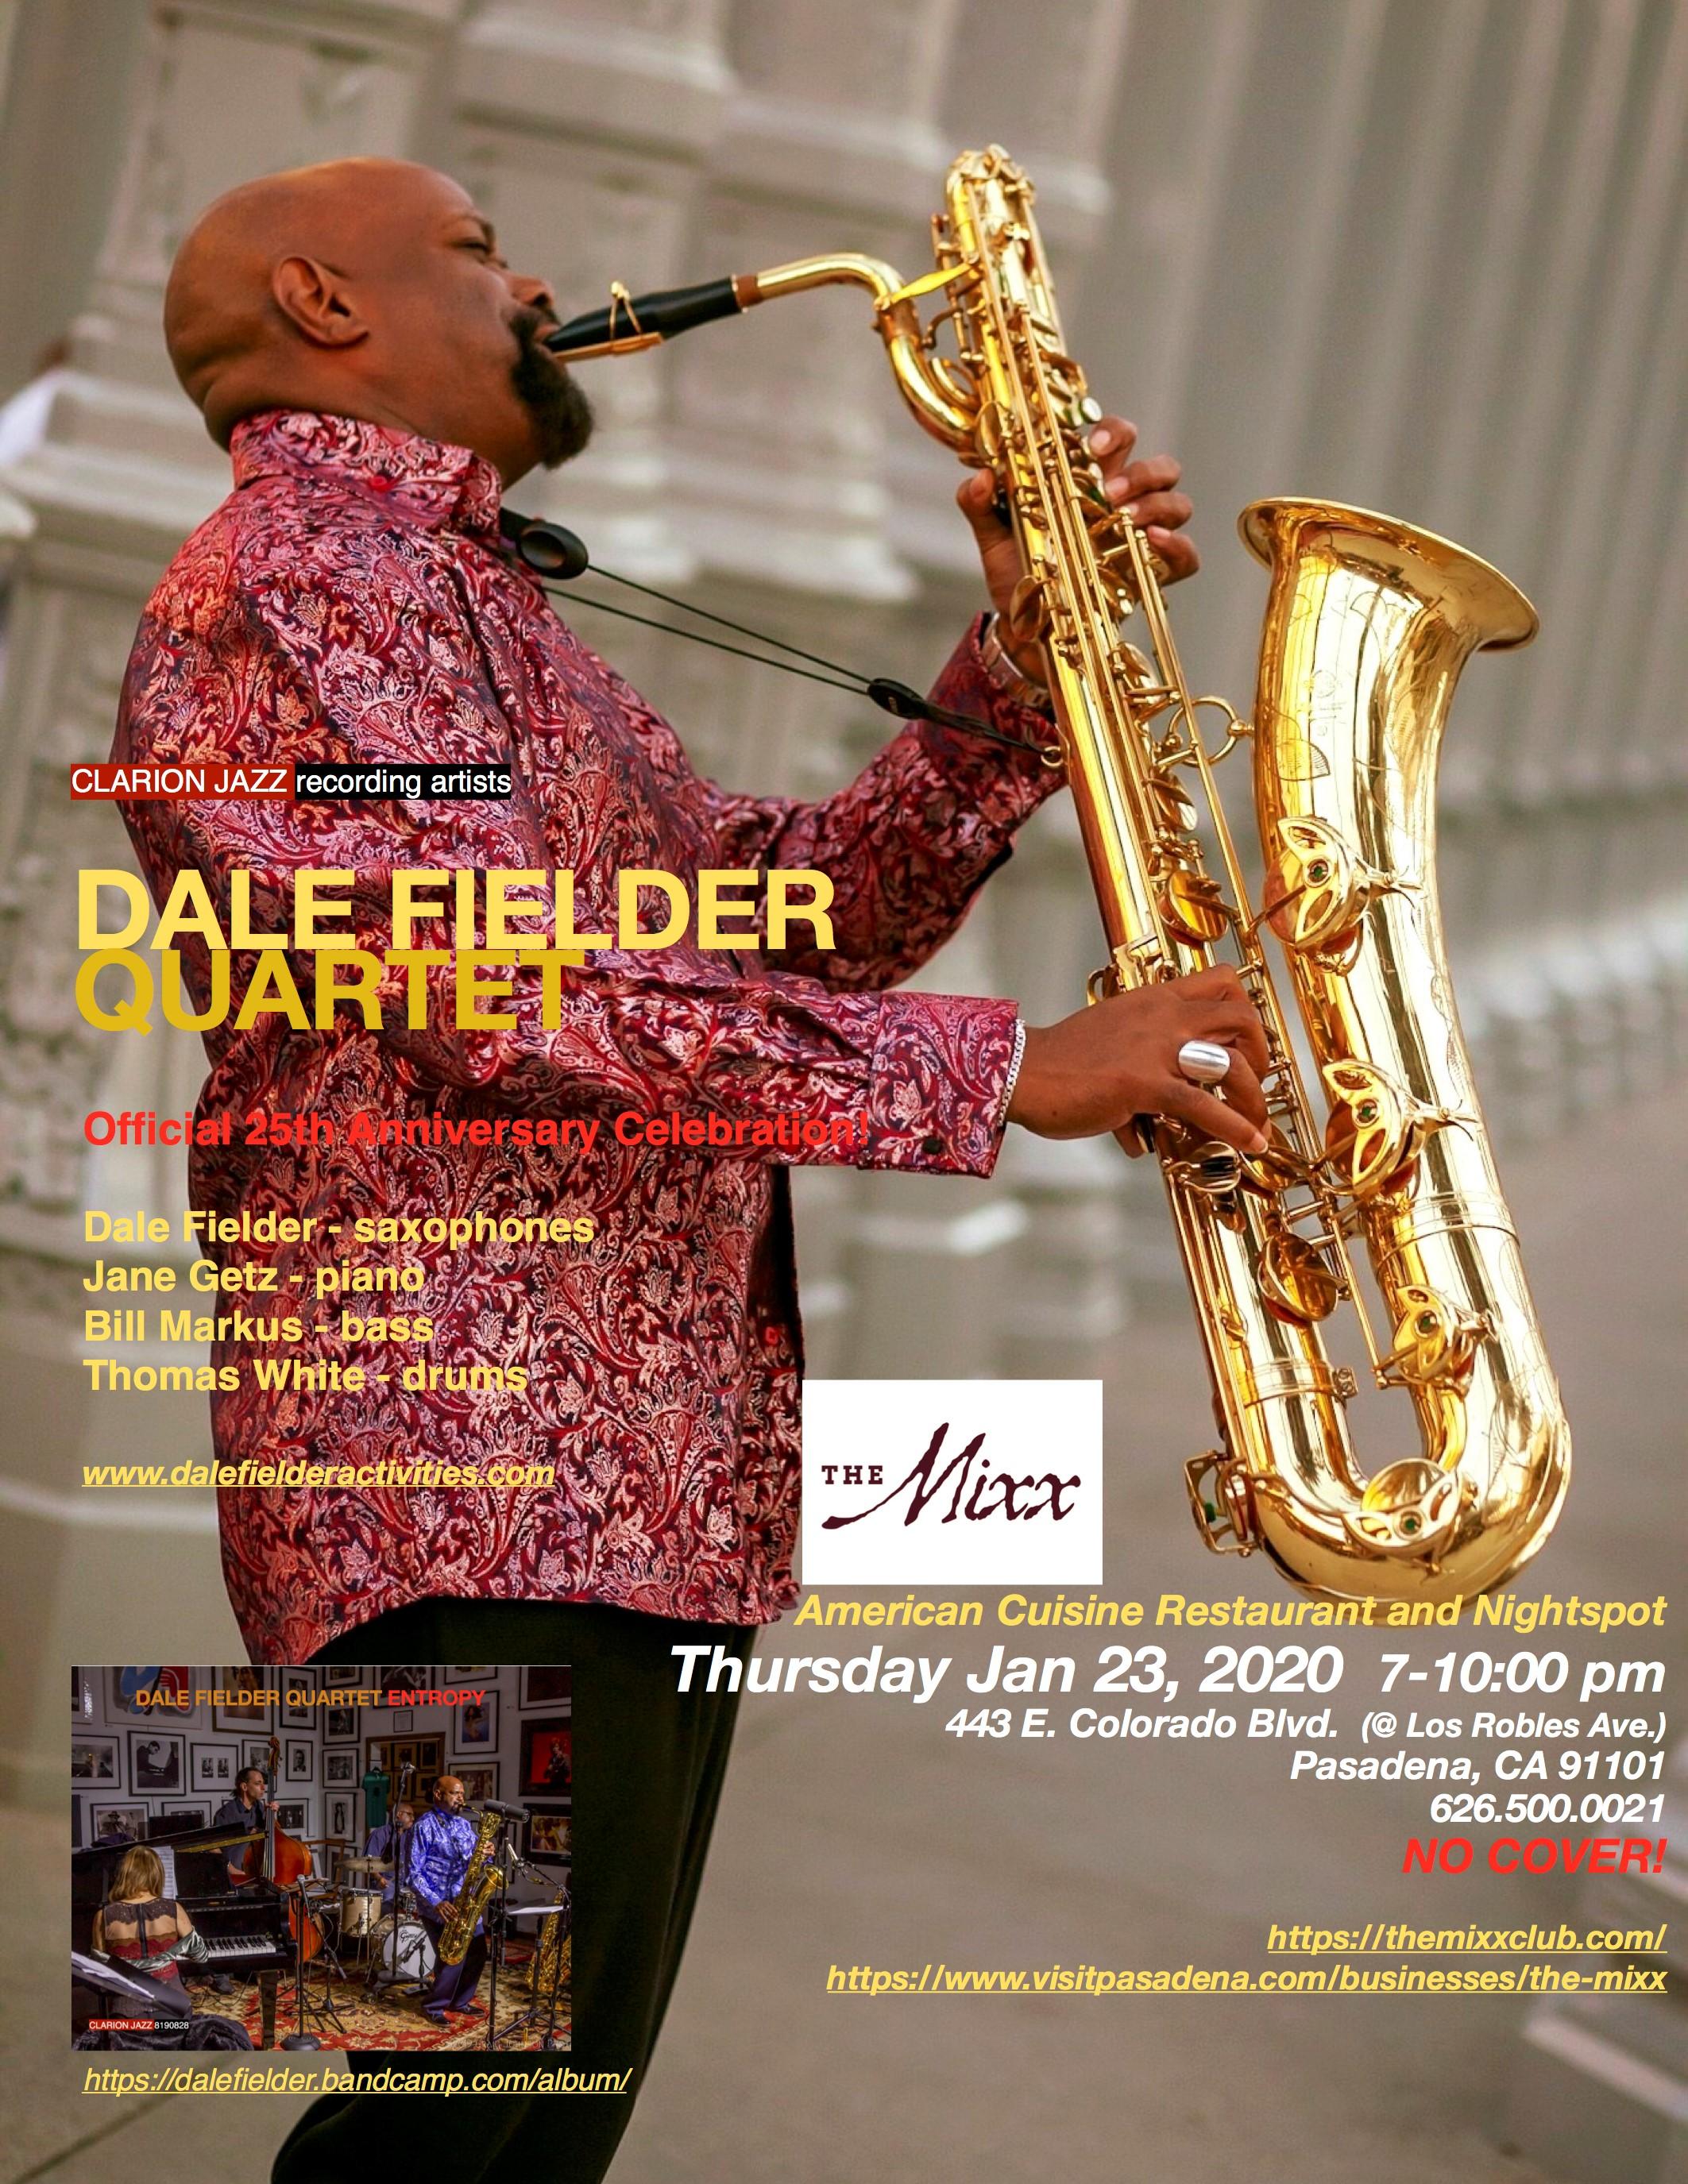 Dale Fielder